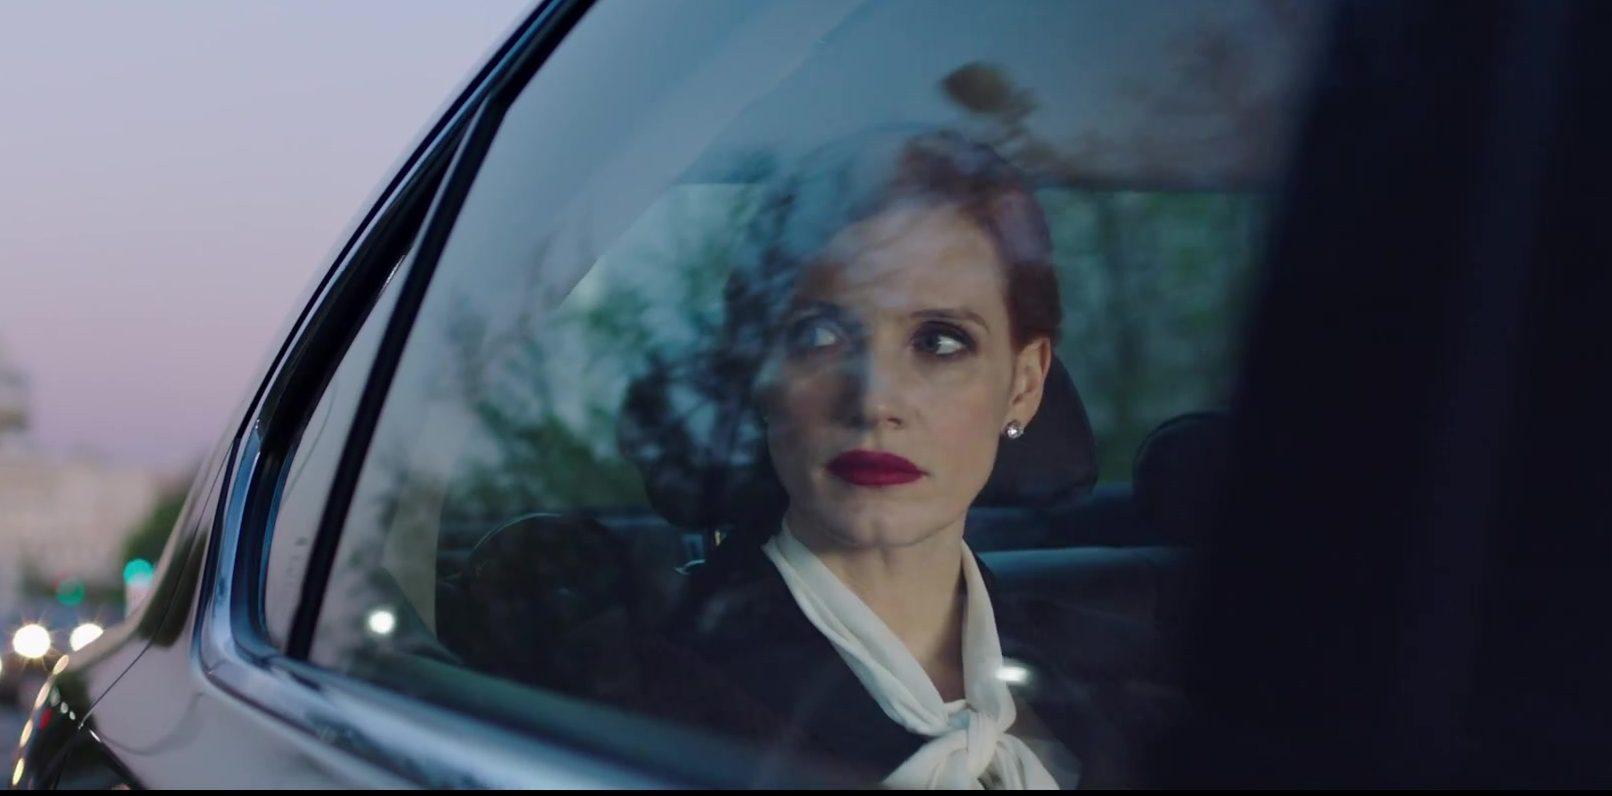 [VÍDEOS] Entrevistas sobre Miss Sloane